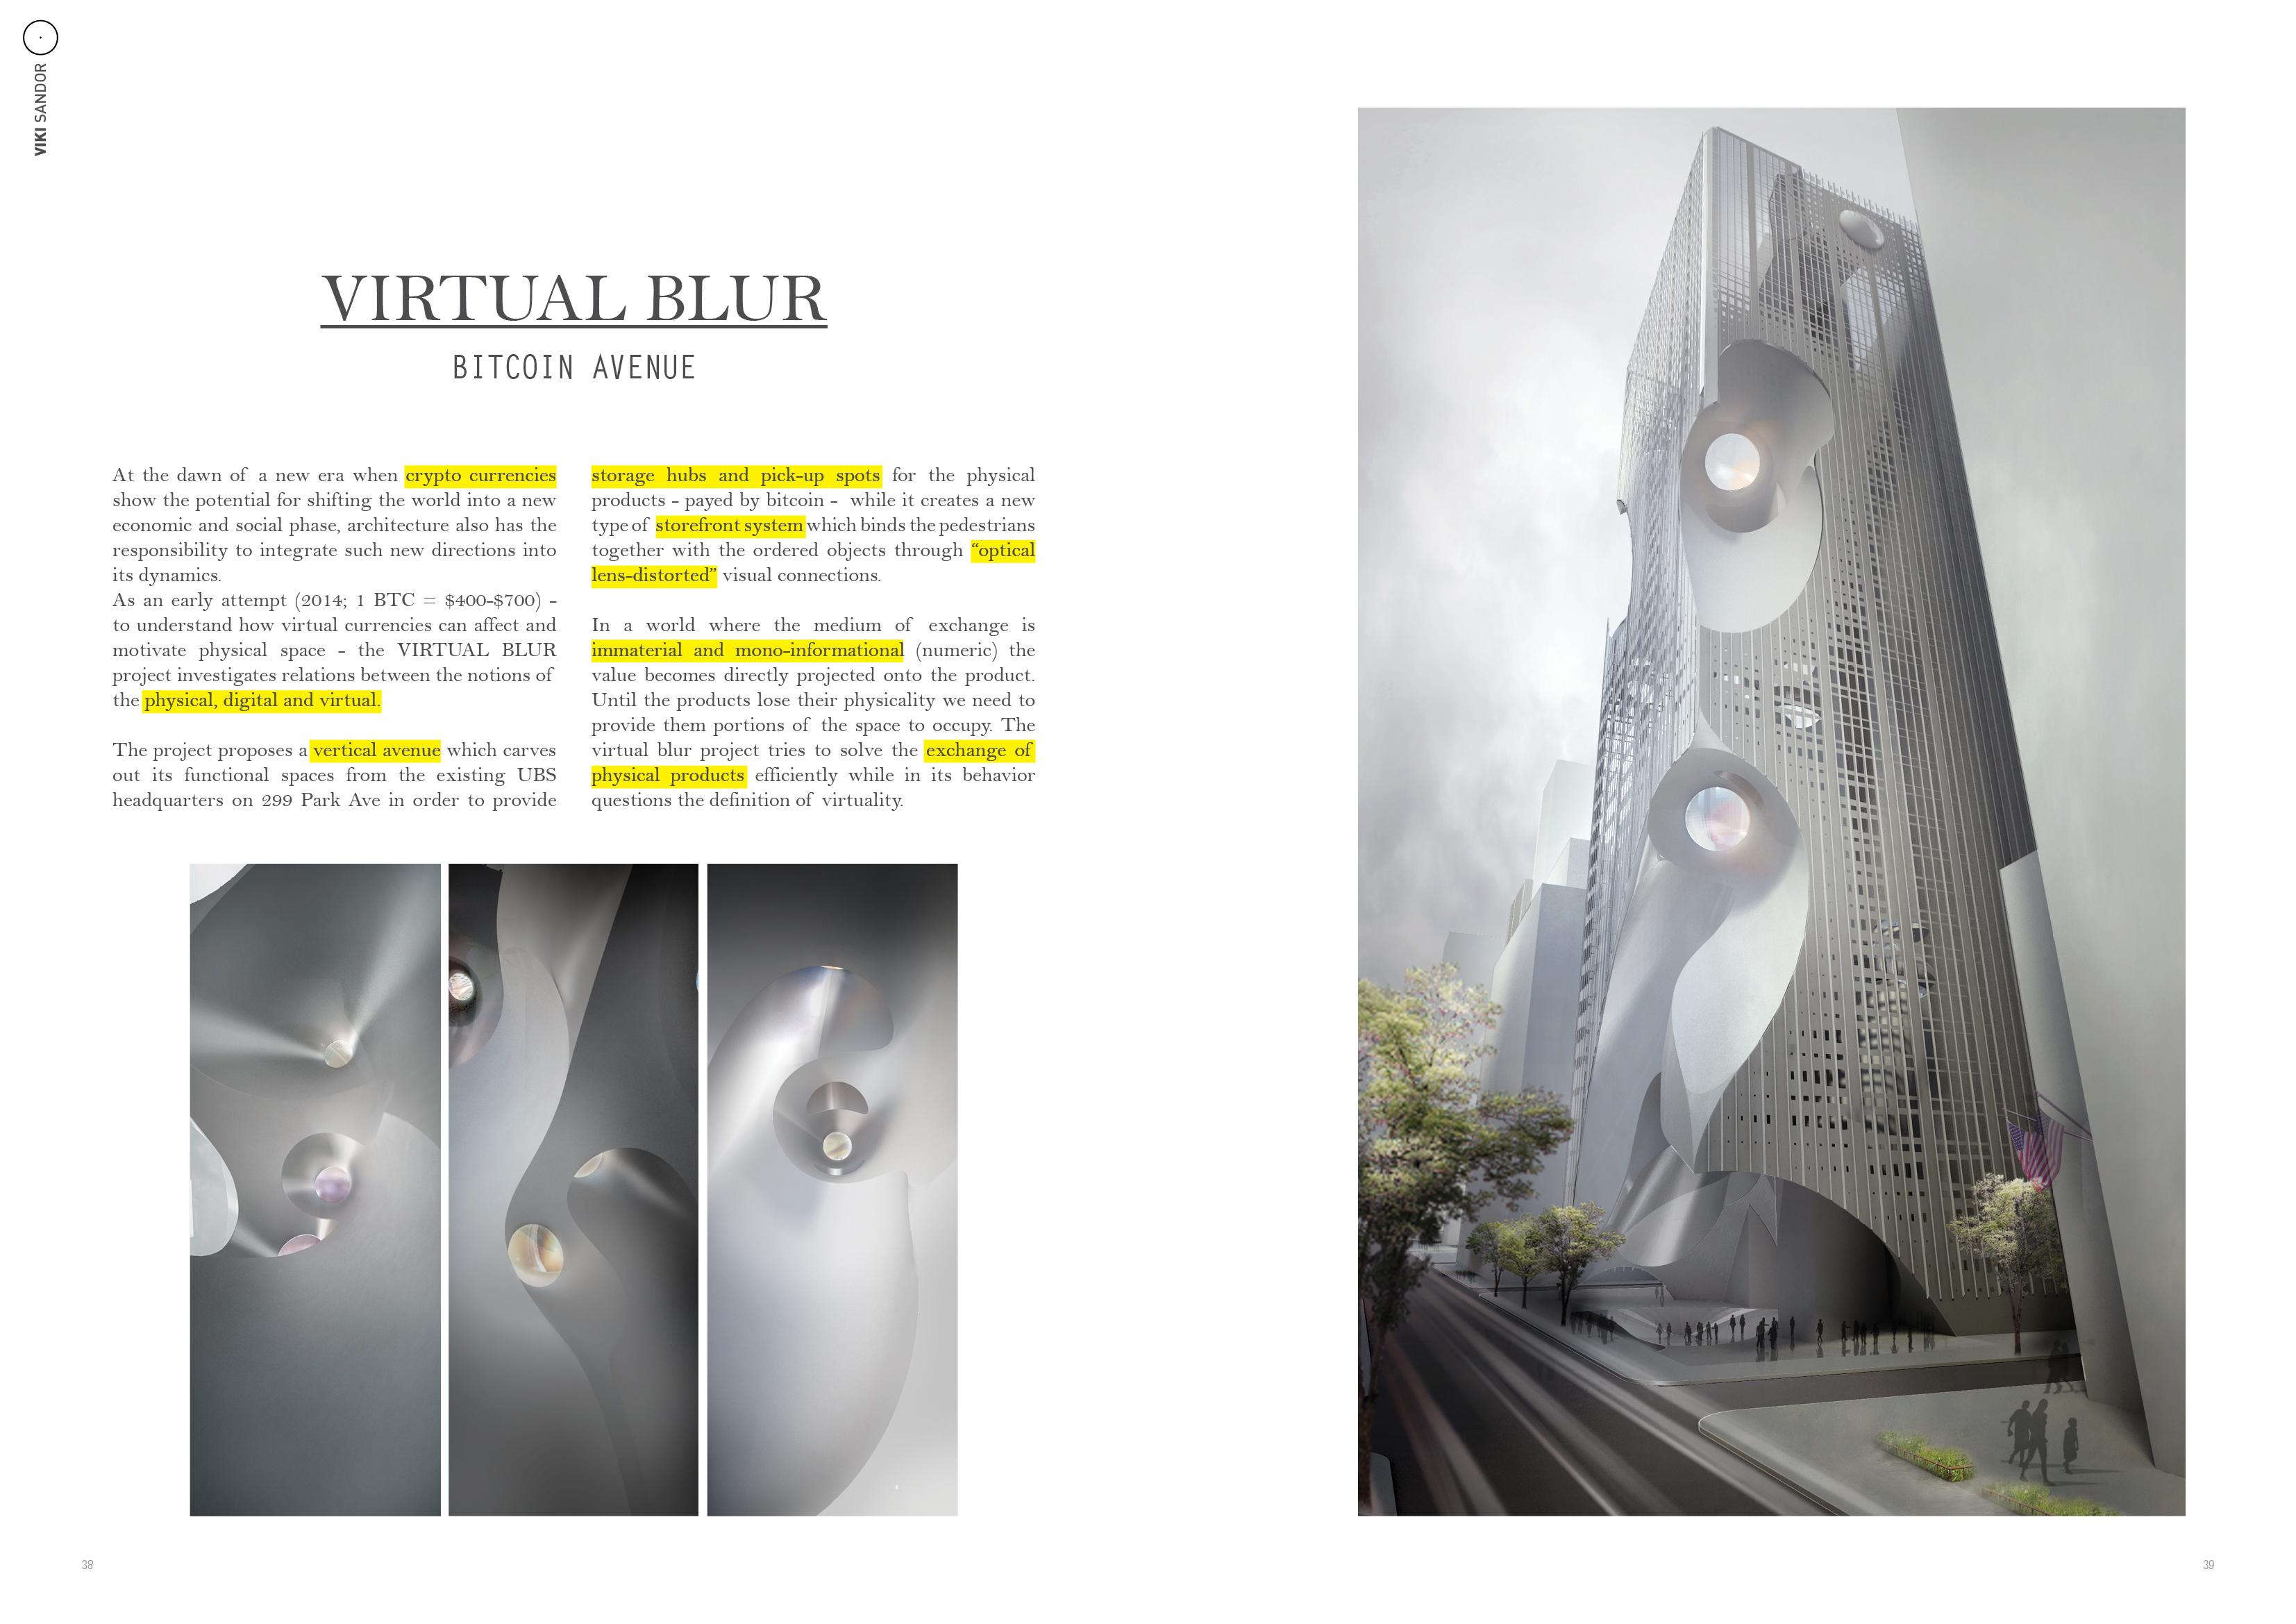 virtual blur